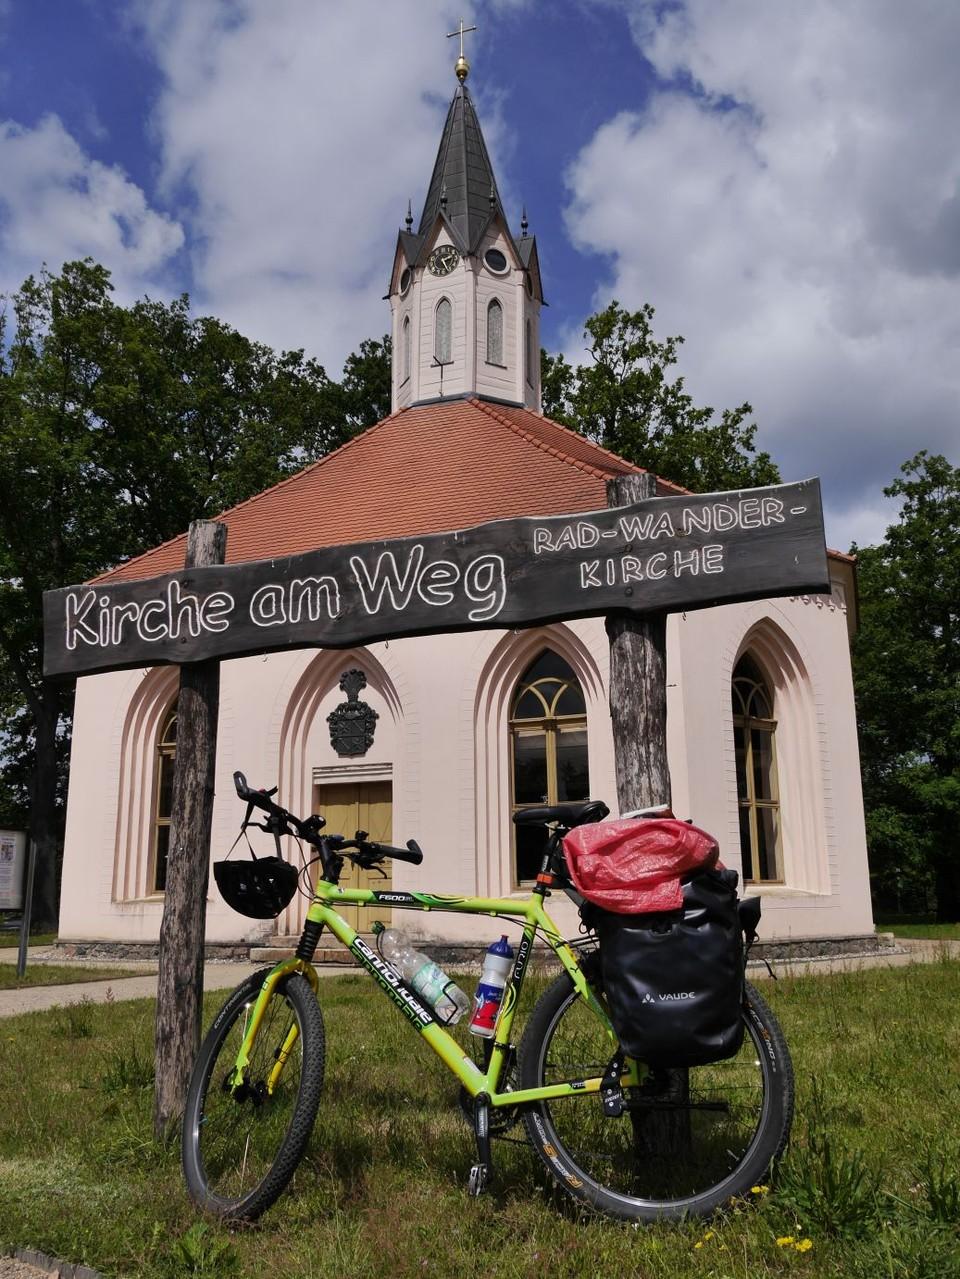 Kirche am Weg in Dannenwalde